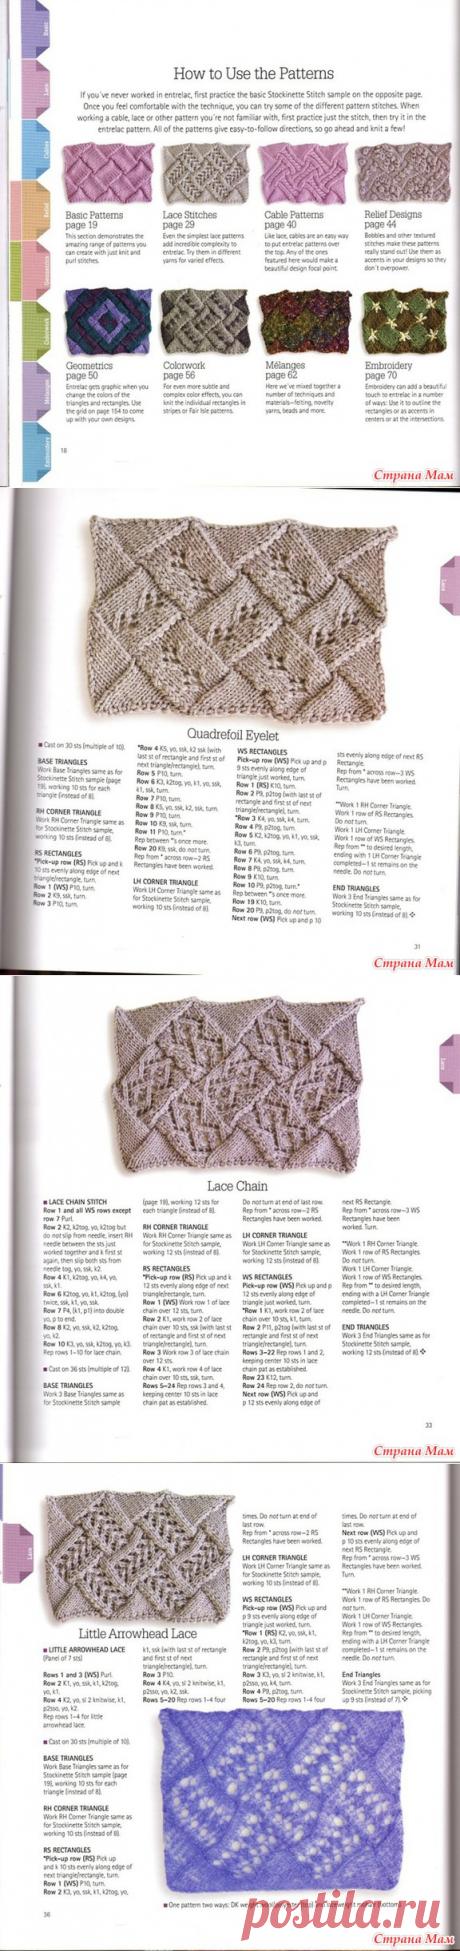 Книга по вязанию в технике энтрелак (стр 1-36). В ней есть, как сами уроки вязания по этой технике (в фотографиях и с описанием), так и несколько интересных изделий. Книга на английском. - Страна Мам